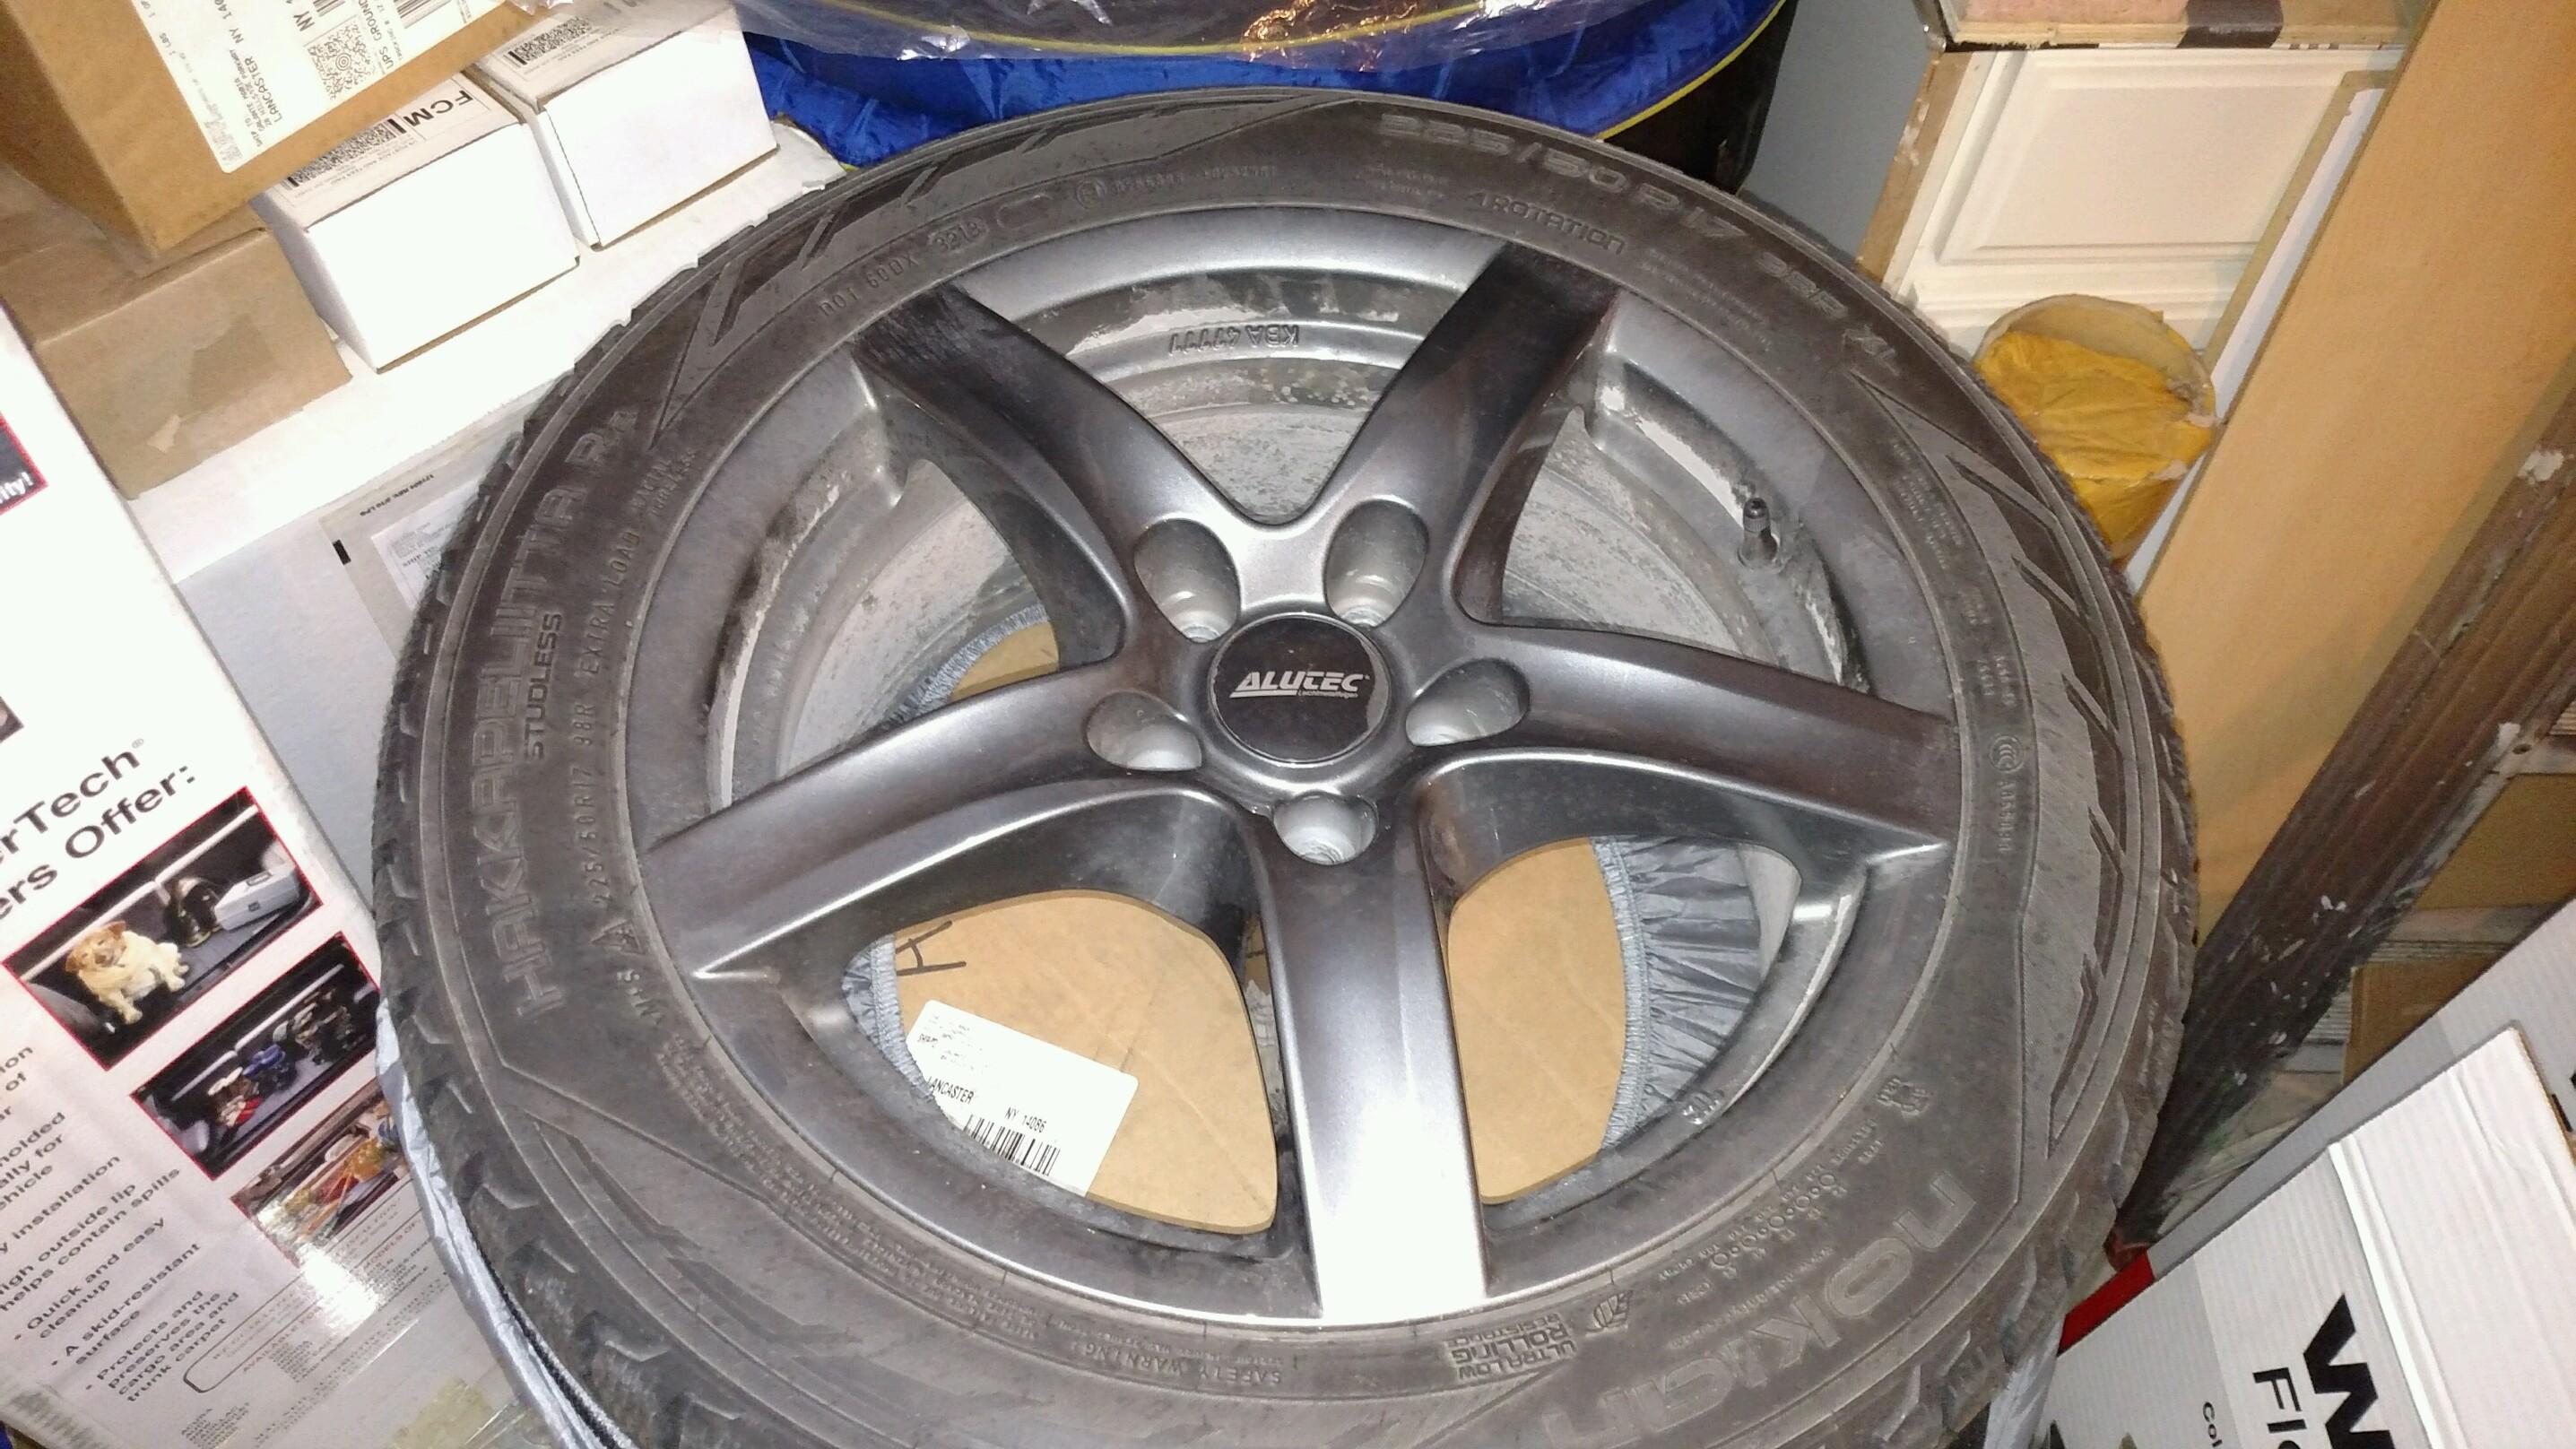 Nokian Hakkapeliitta R2 >> Mercedes C300 nokian hakkapeliitta r2 winter tires with ...